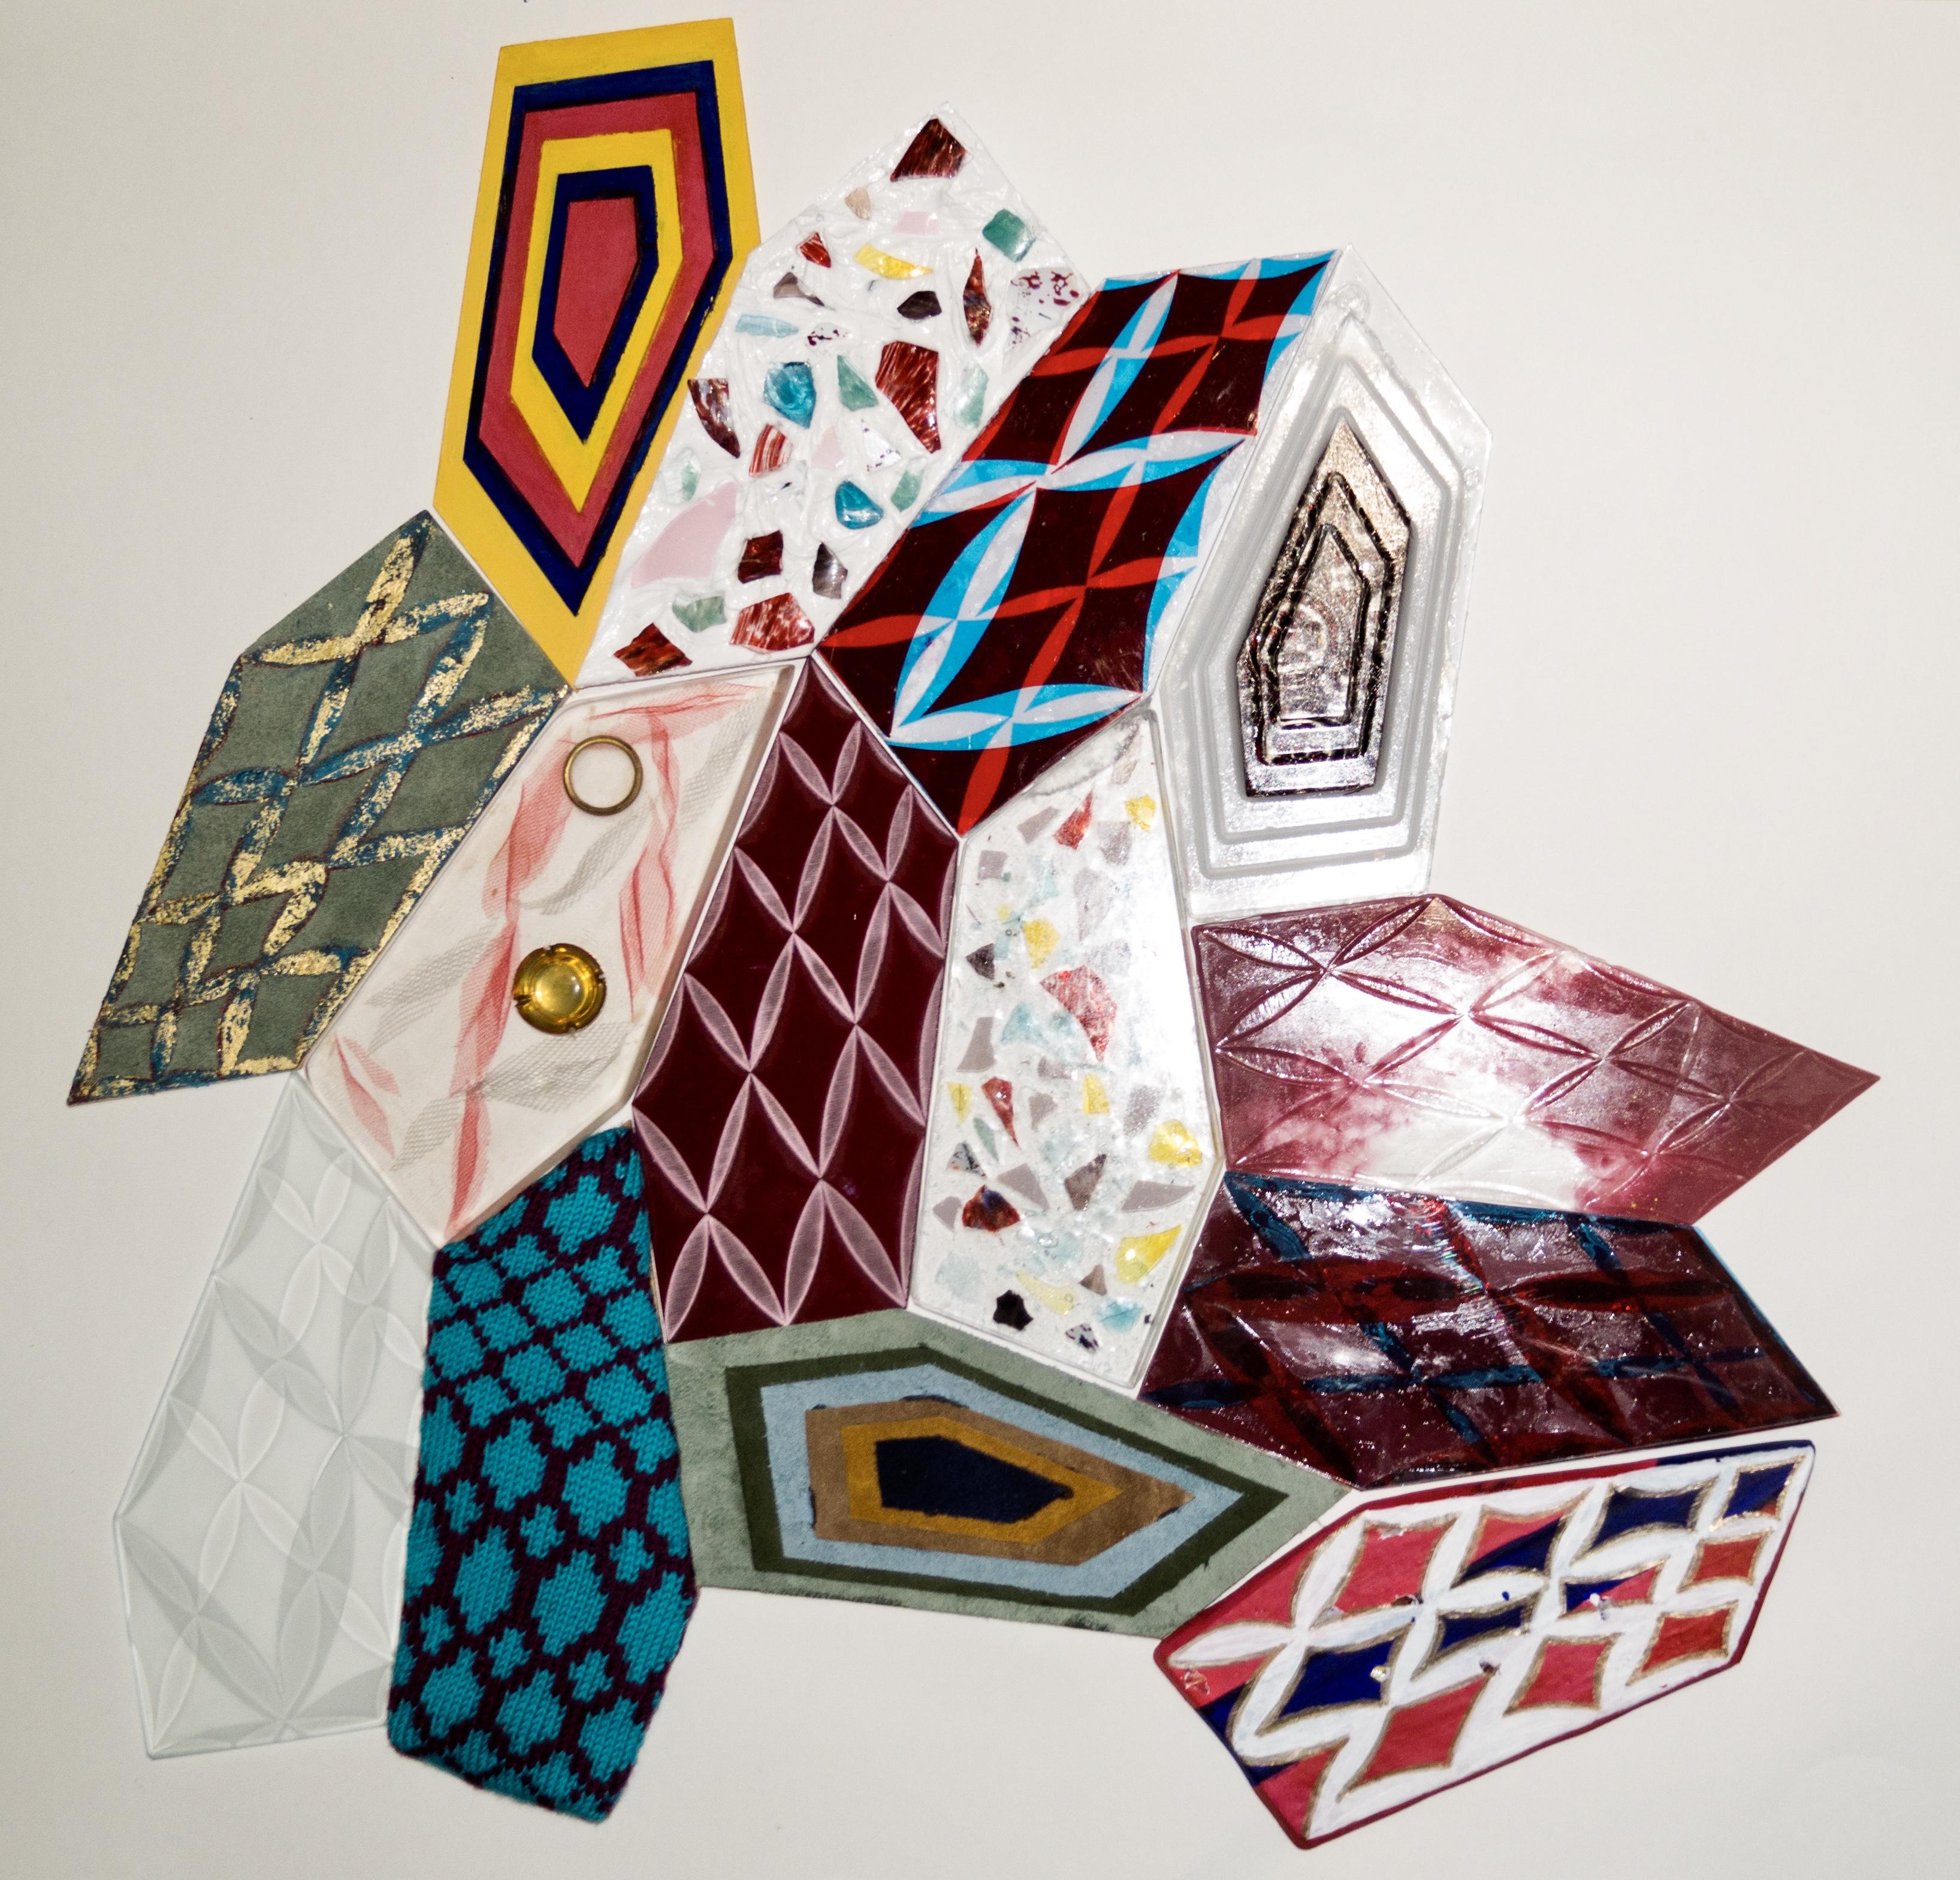 Tessellating Tiles